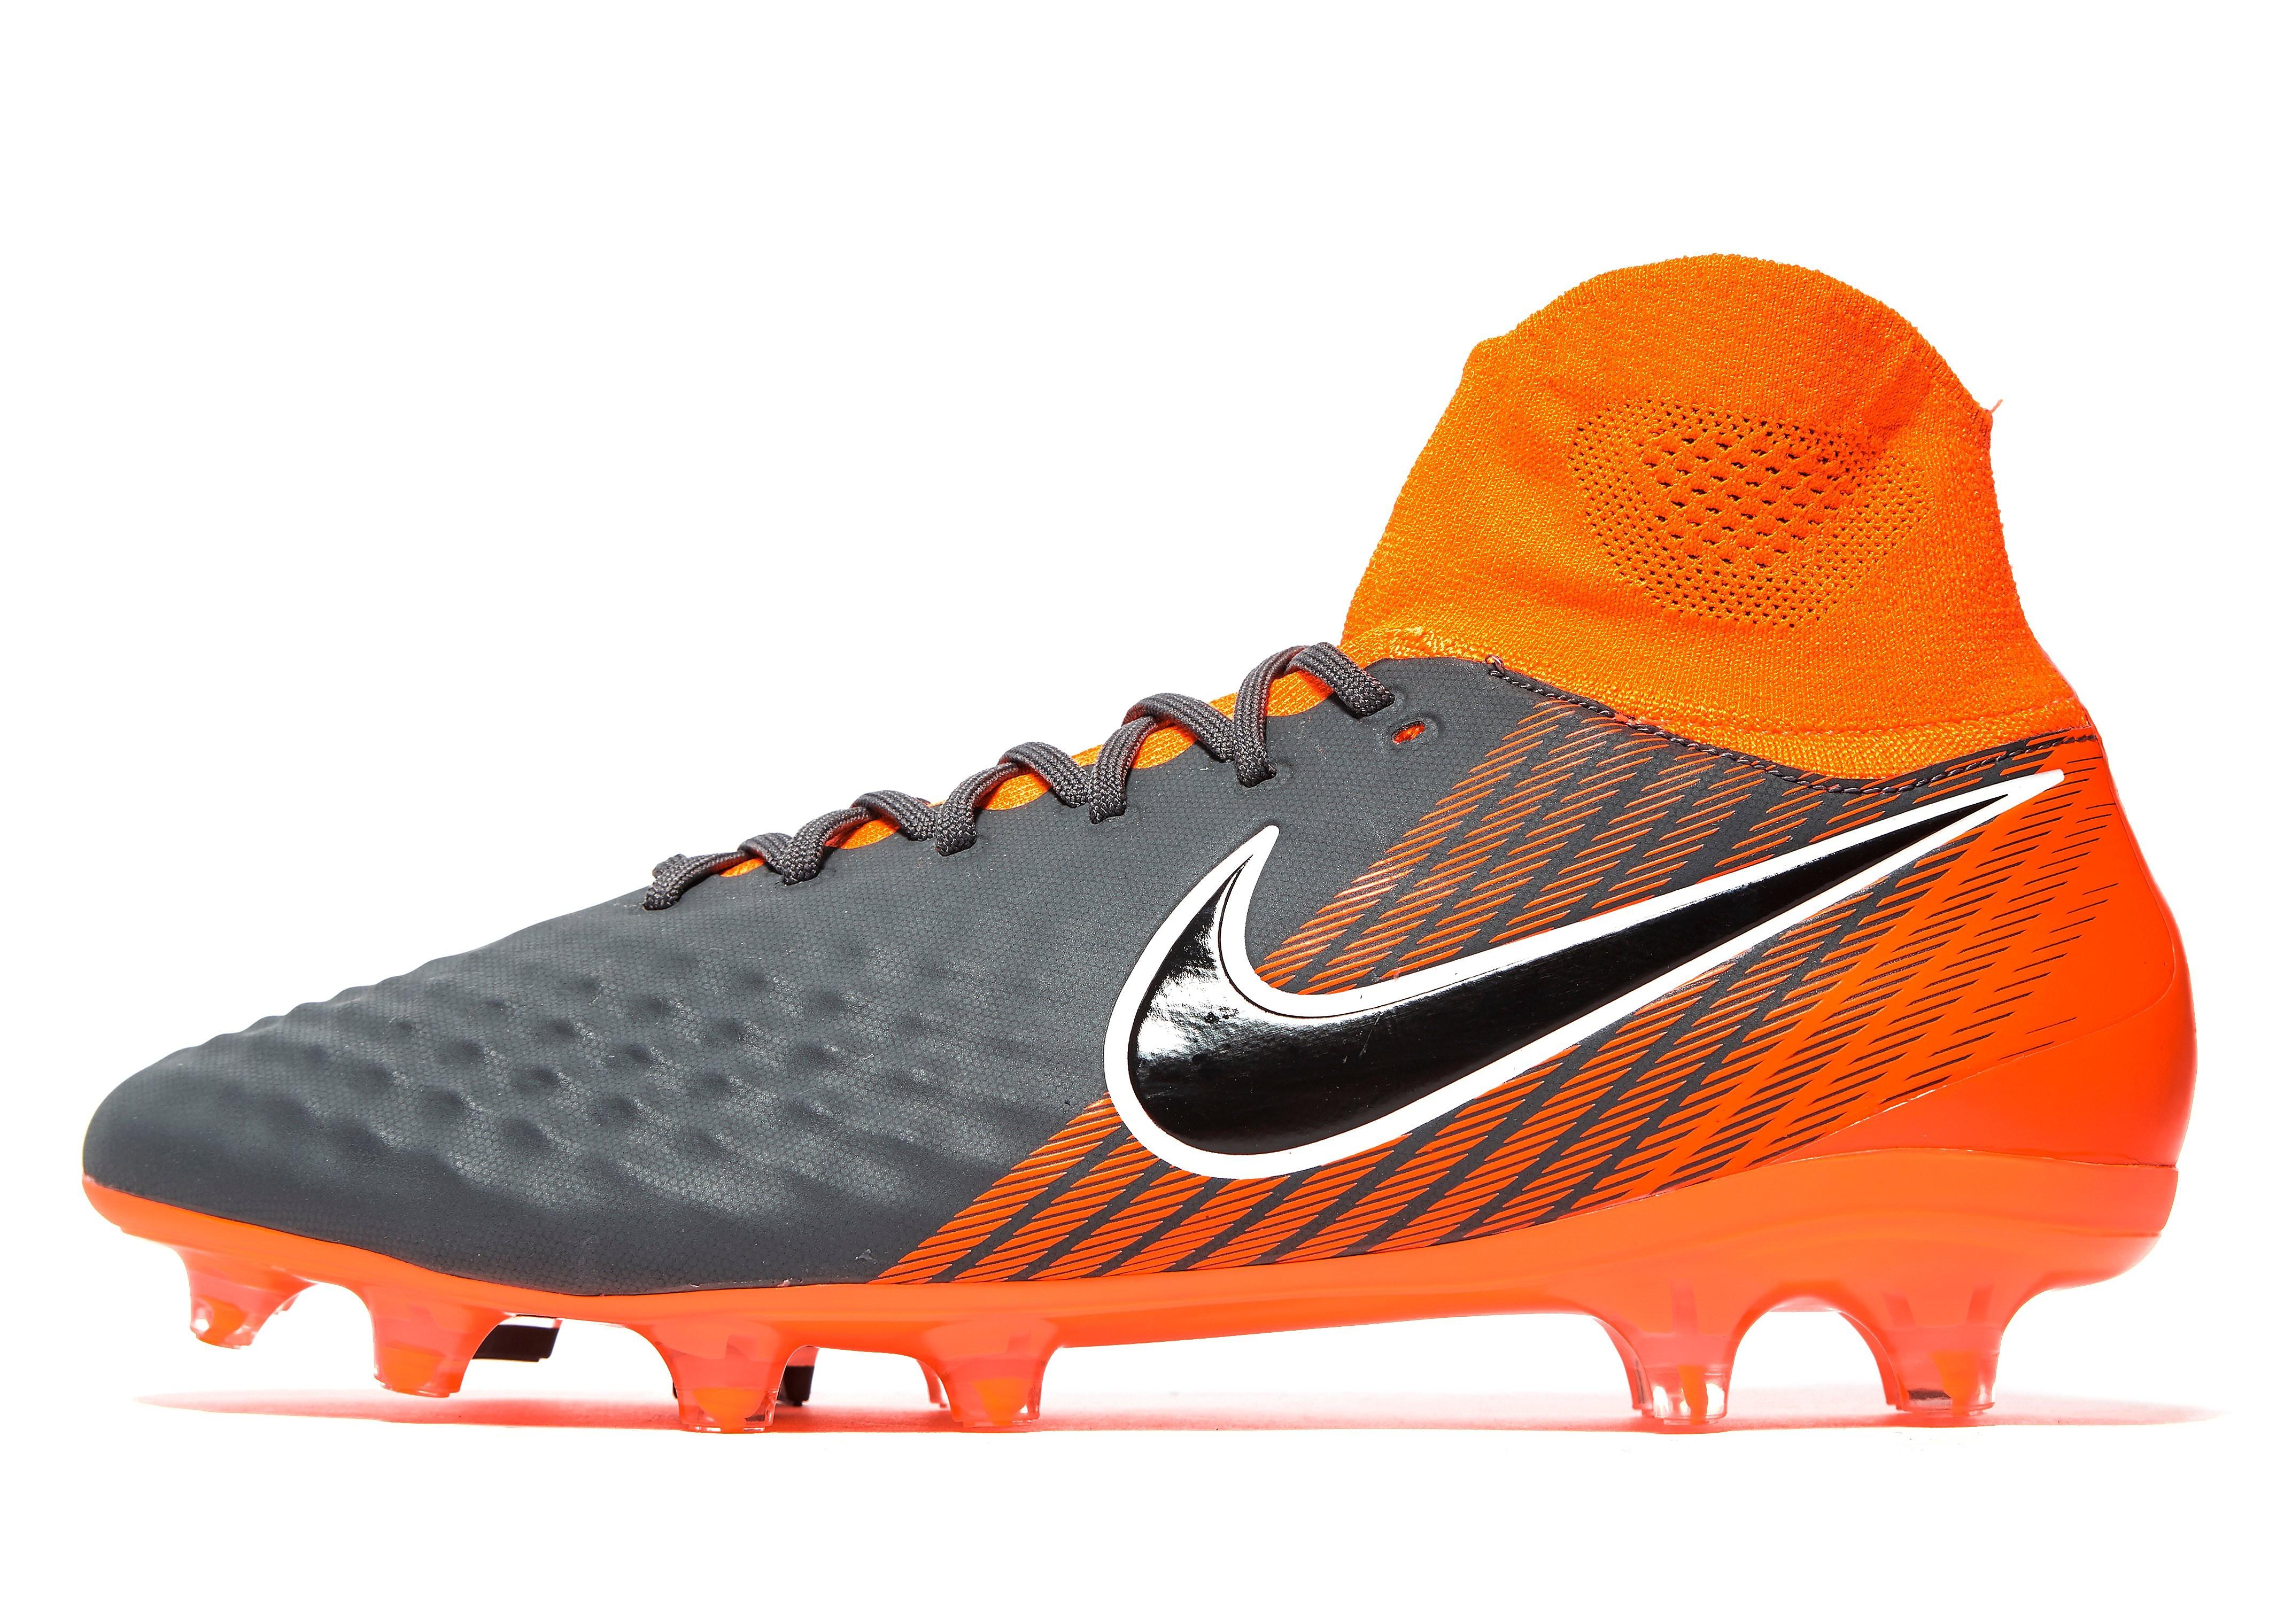 Nike Fast AF Magista Pro Dynamic Fit FG